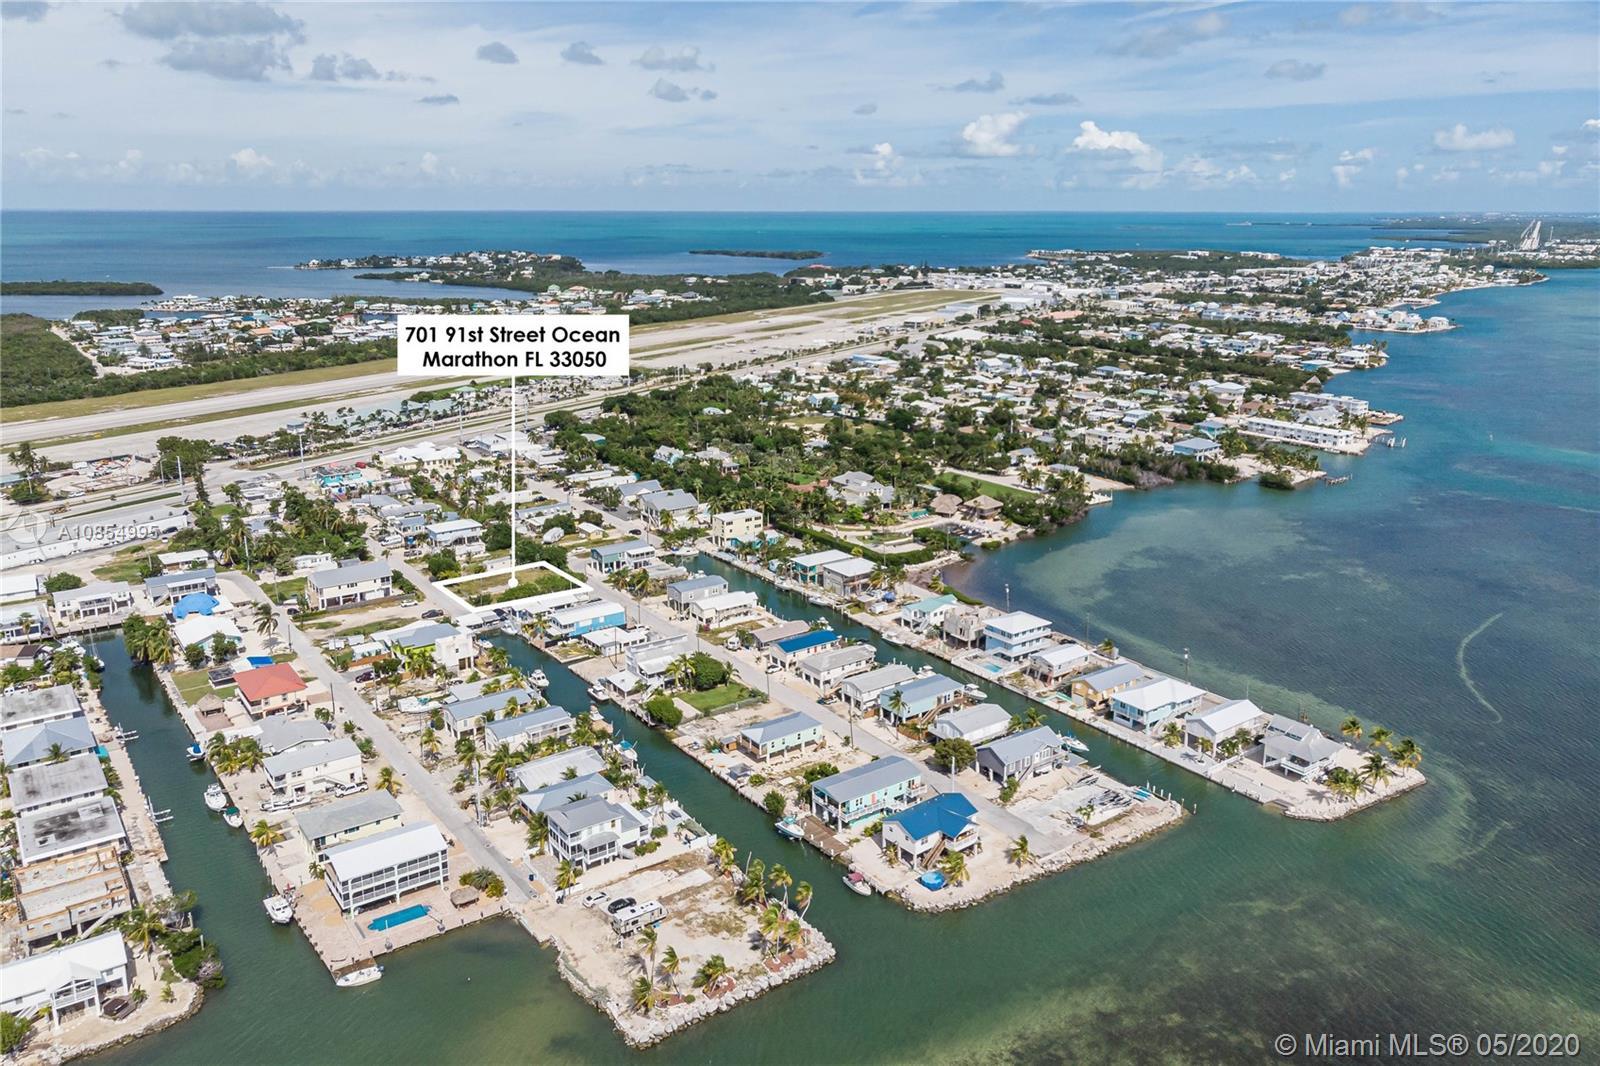 701 91st Street Ocean, Marathon, FL 33050